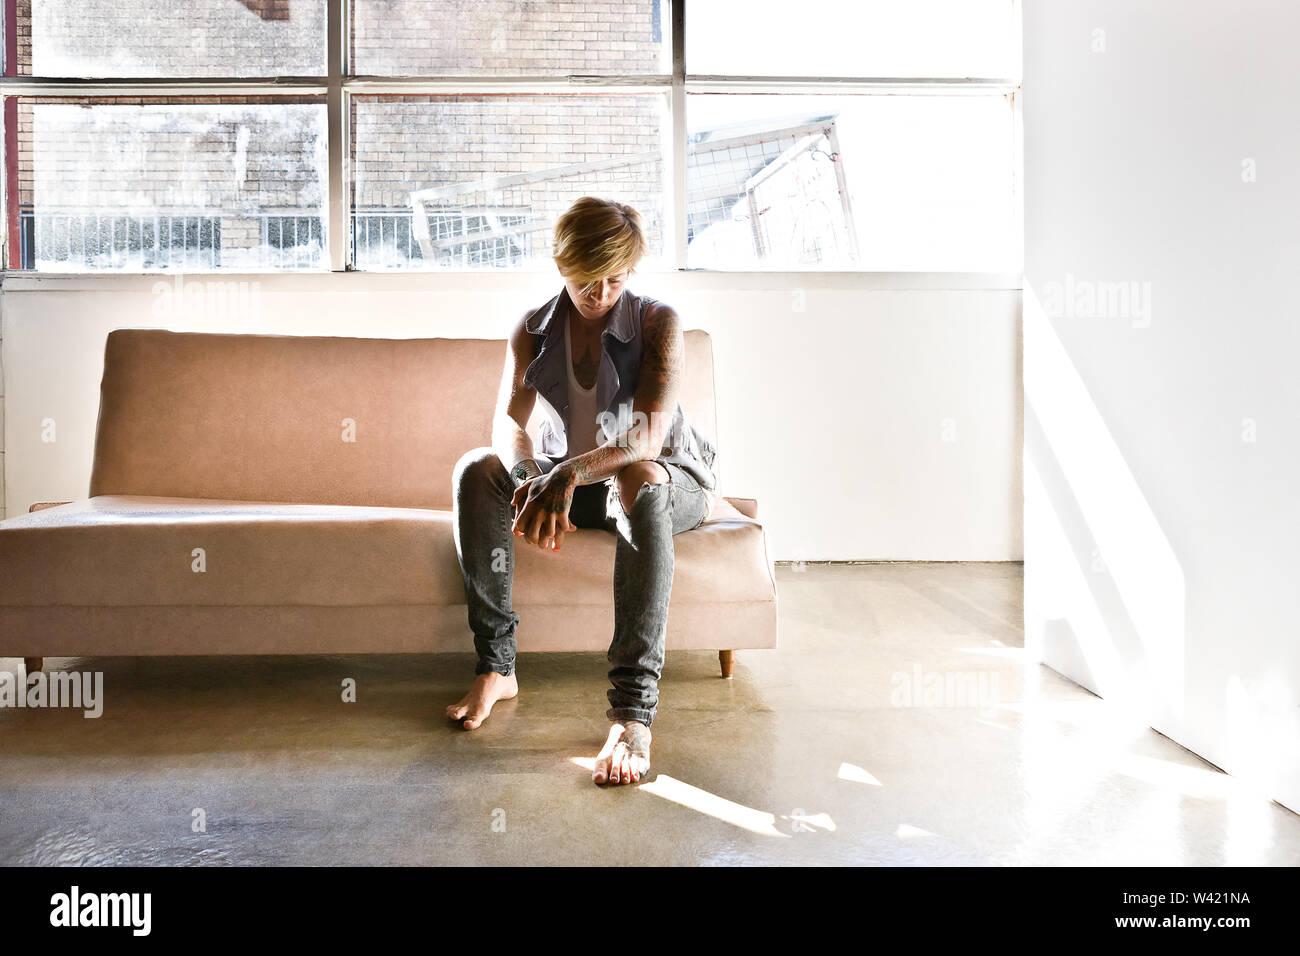 Fille assise sur un canapé et l'air triste dans une pièce blanche qu'éclairé par la lumière du soleil Photo Stock